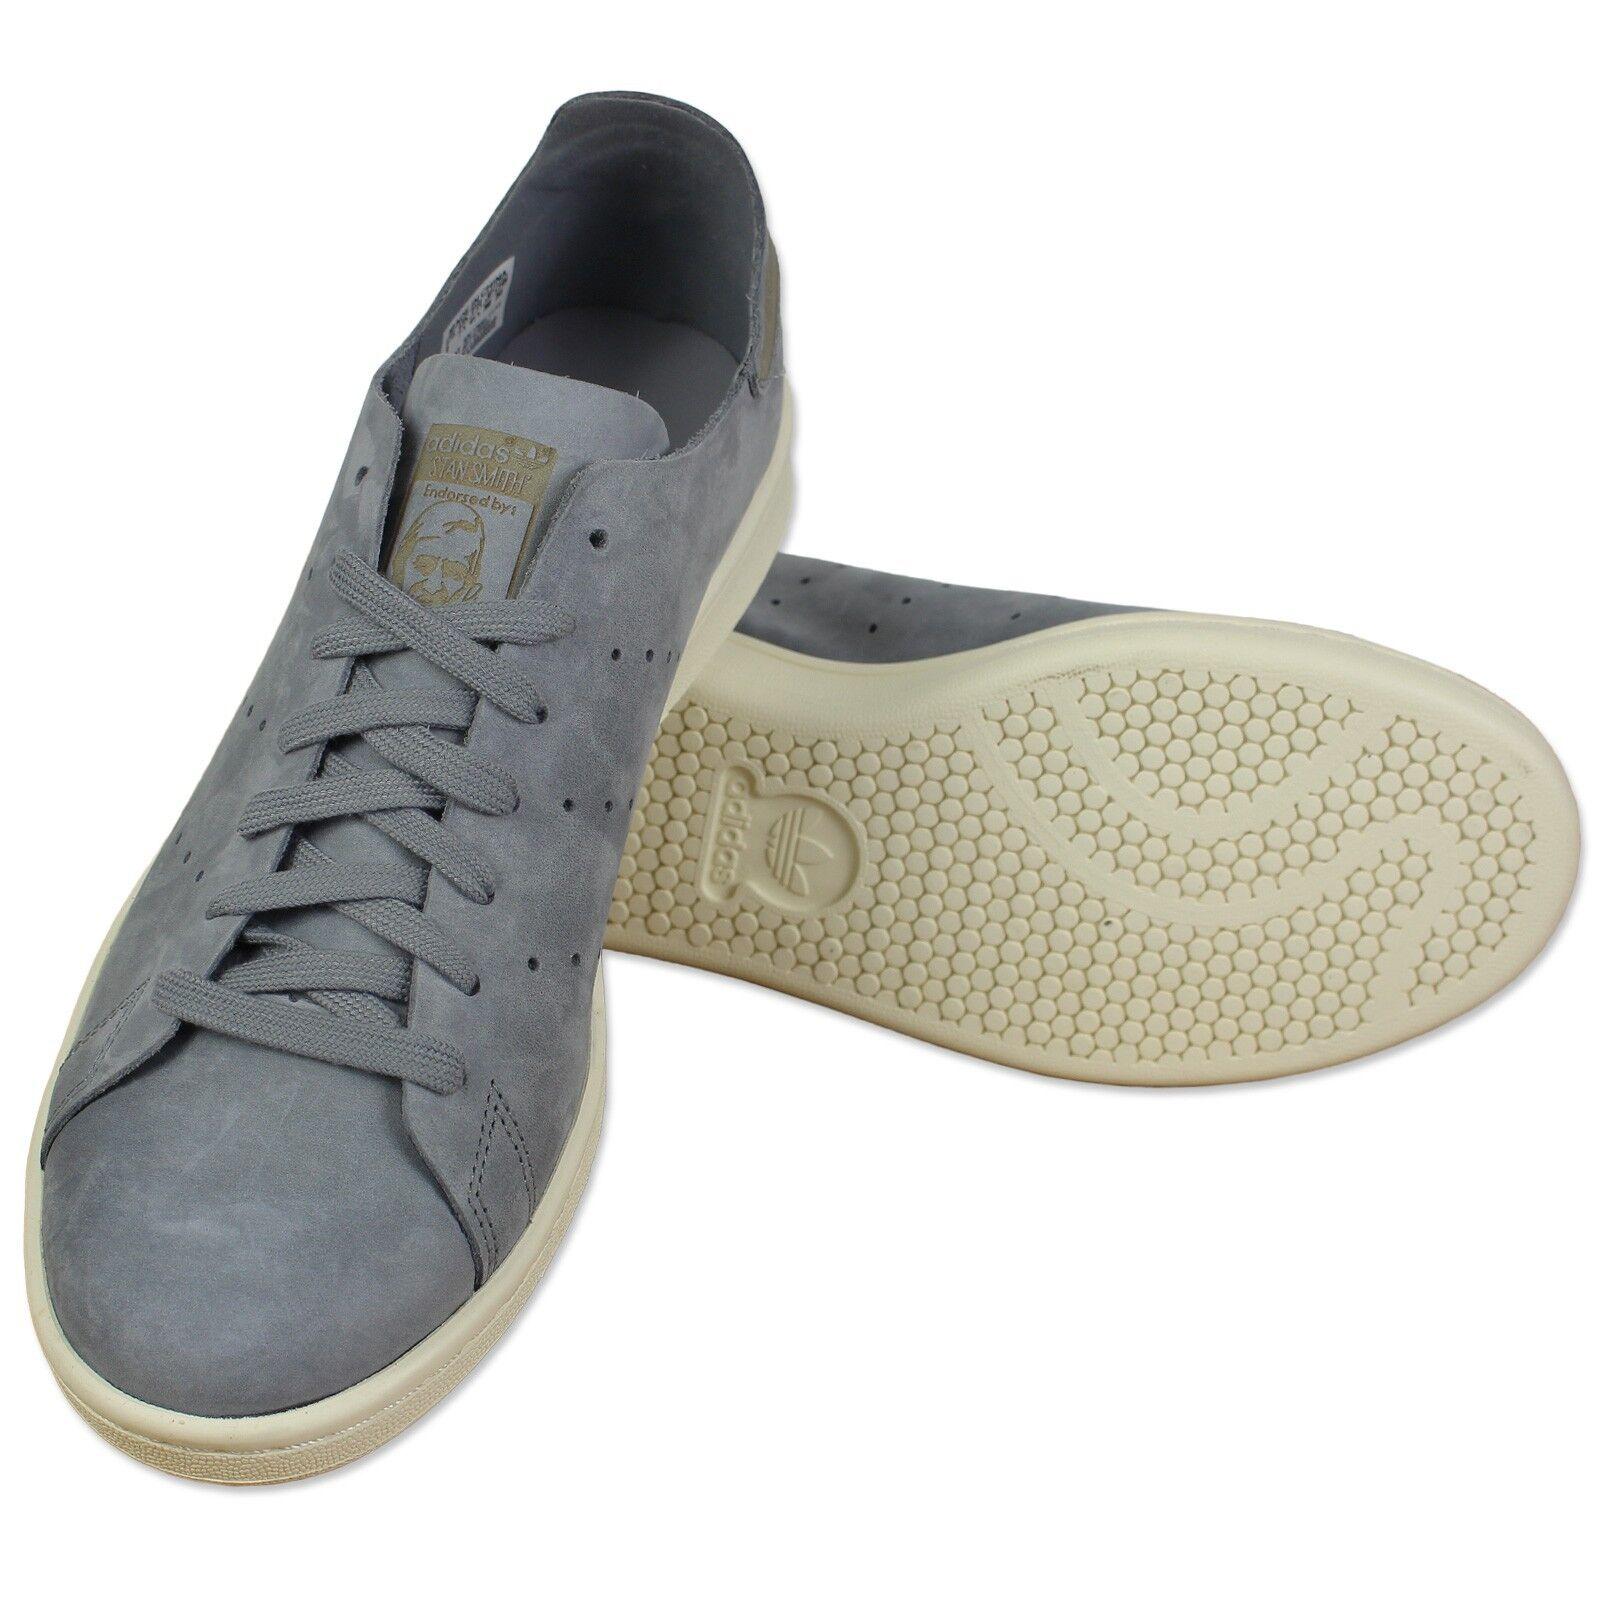 Adidas Originals Stan Smith pulire Pelle scamosciata